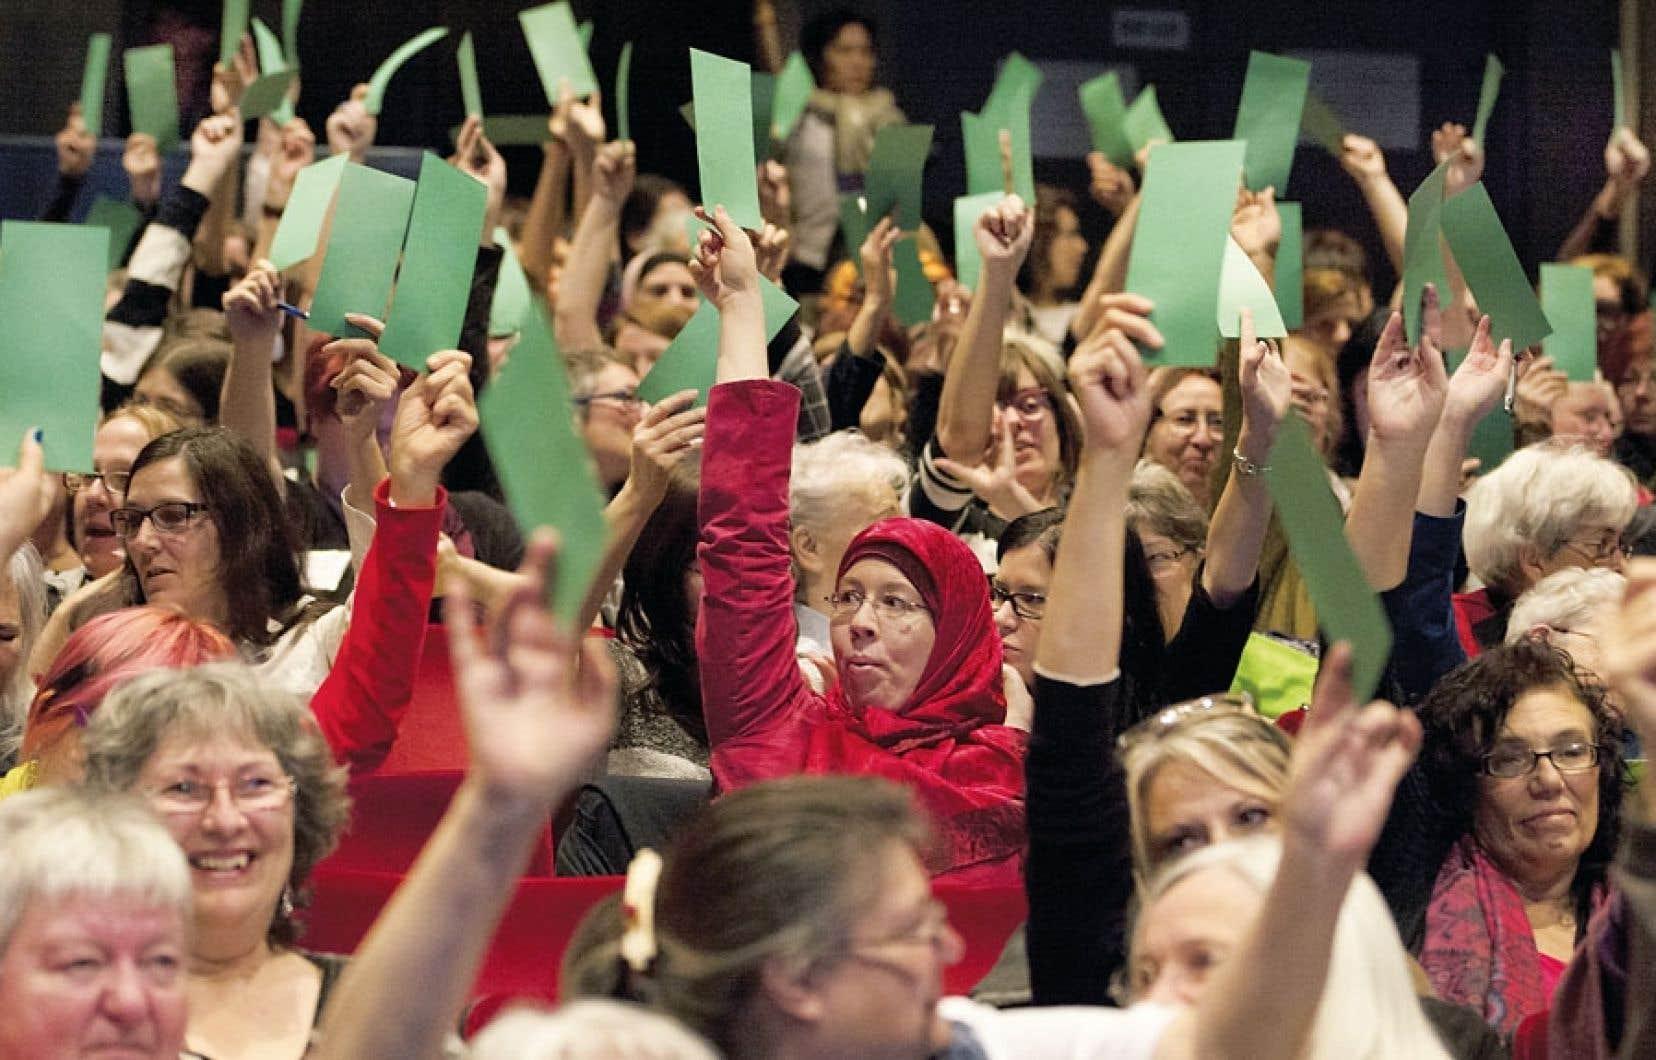 Des participantes de tous les âges et de tous les horizons ont pris part dimanche au Forum qui a conclu les États généraux sur le féminisme, à l'Université du Québec à Montréal. Lors de la plénière, seules quelques femmes portaient le voile islamique.